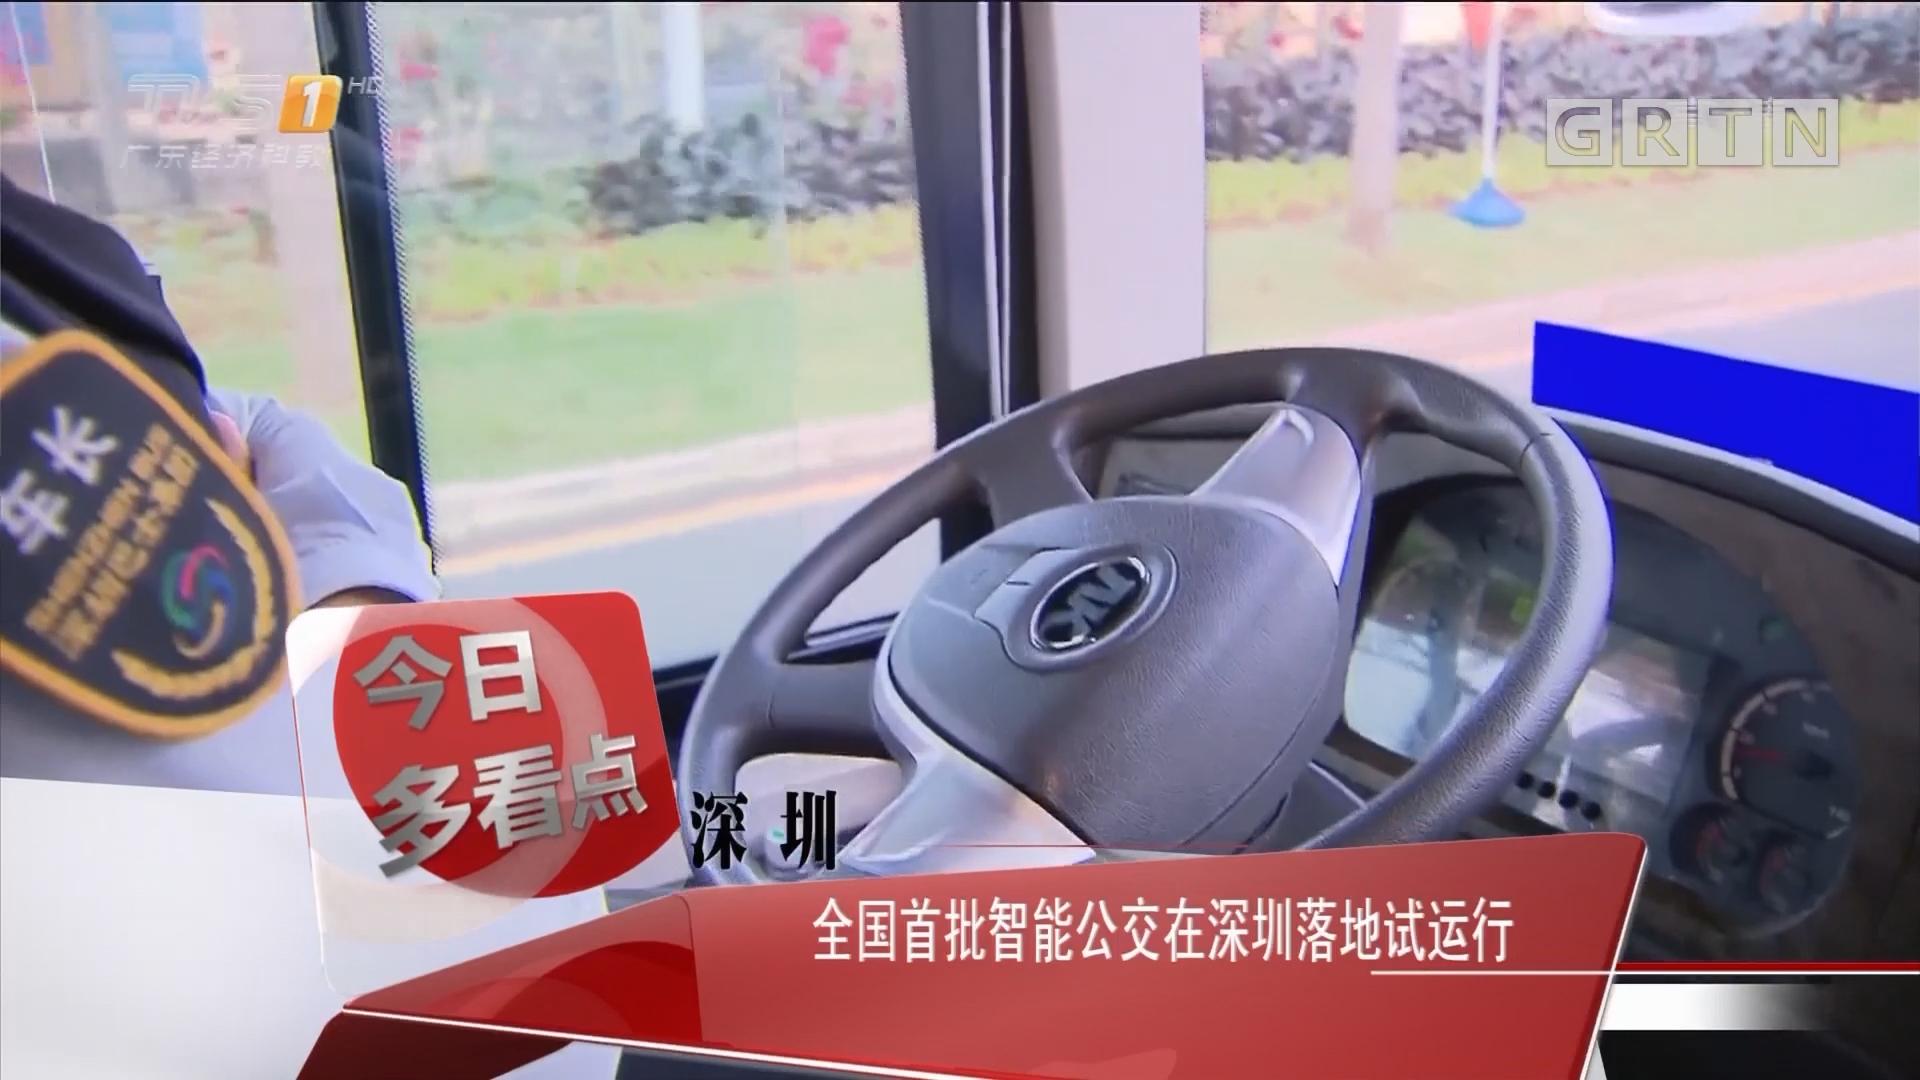 深圳:全国首批智能公交在深圳落地试运行